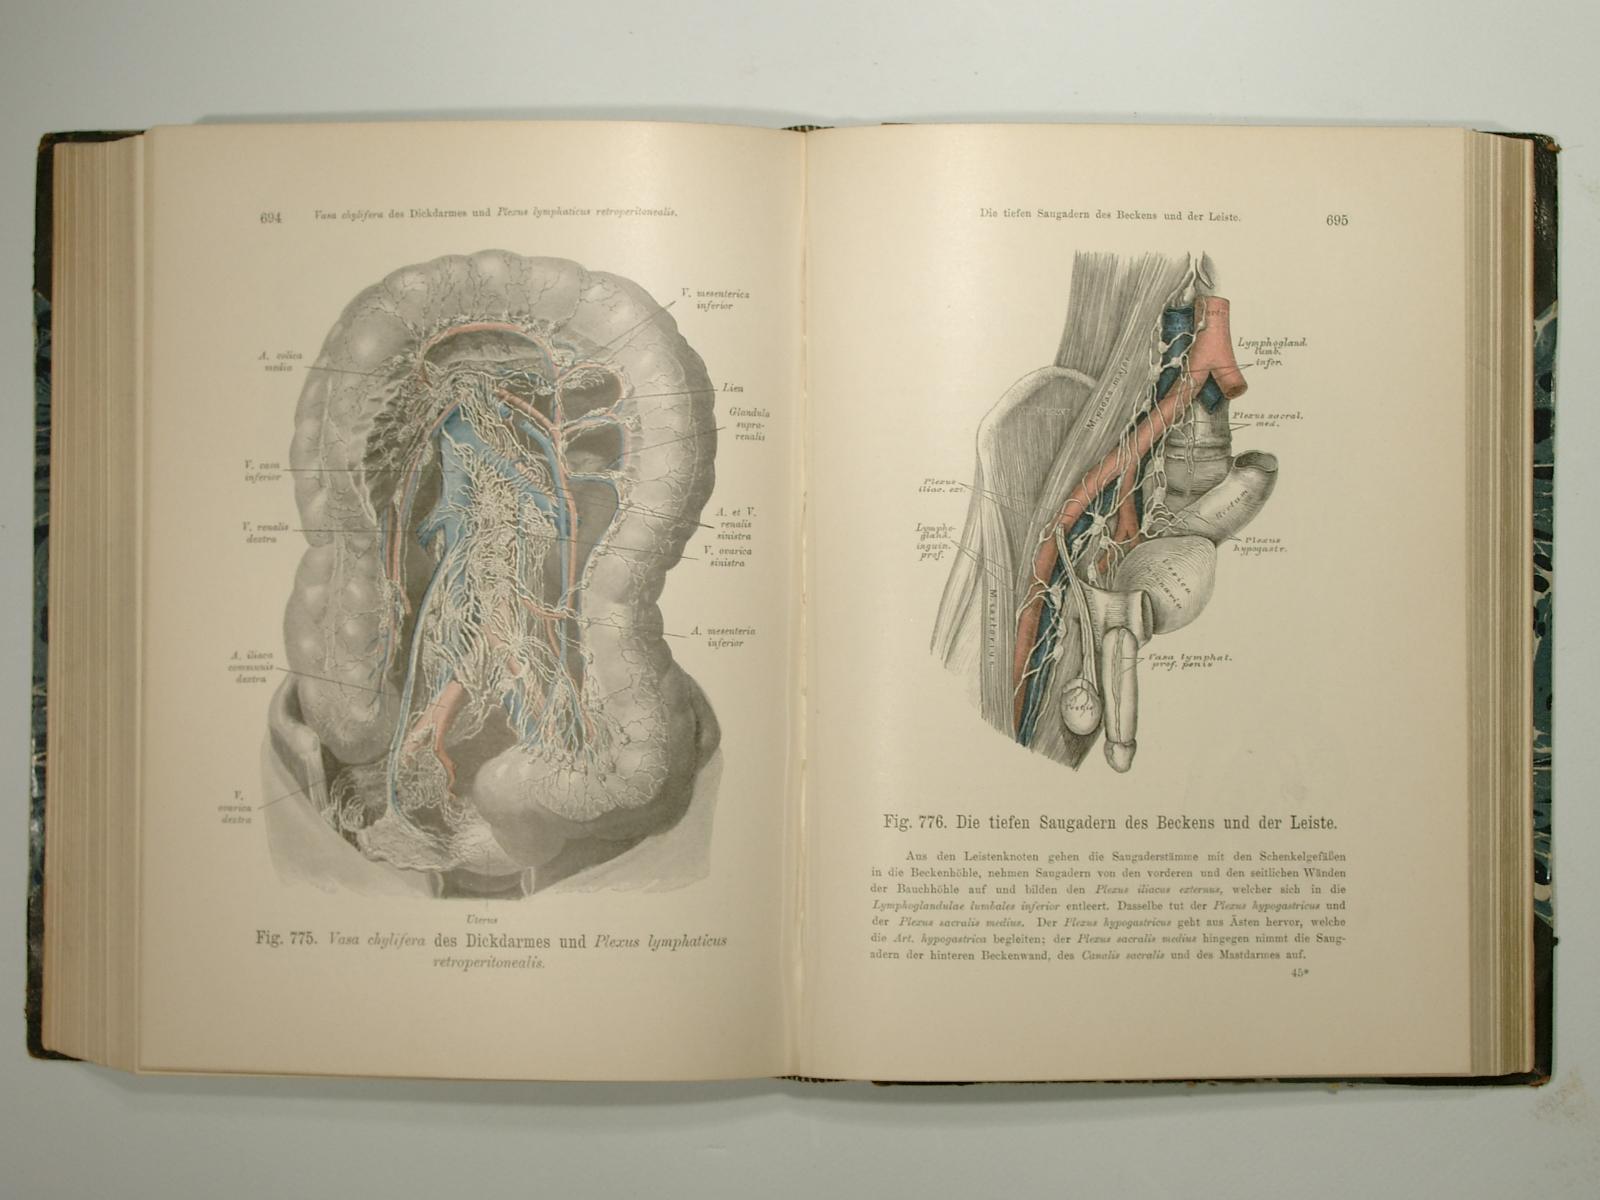 anatomie des menschen in - ZVAB